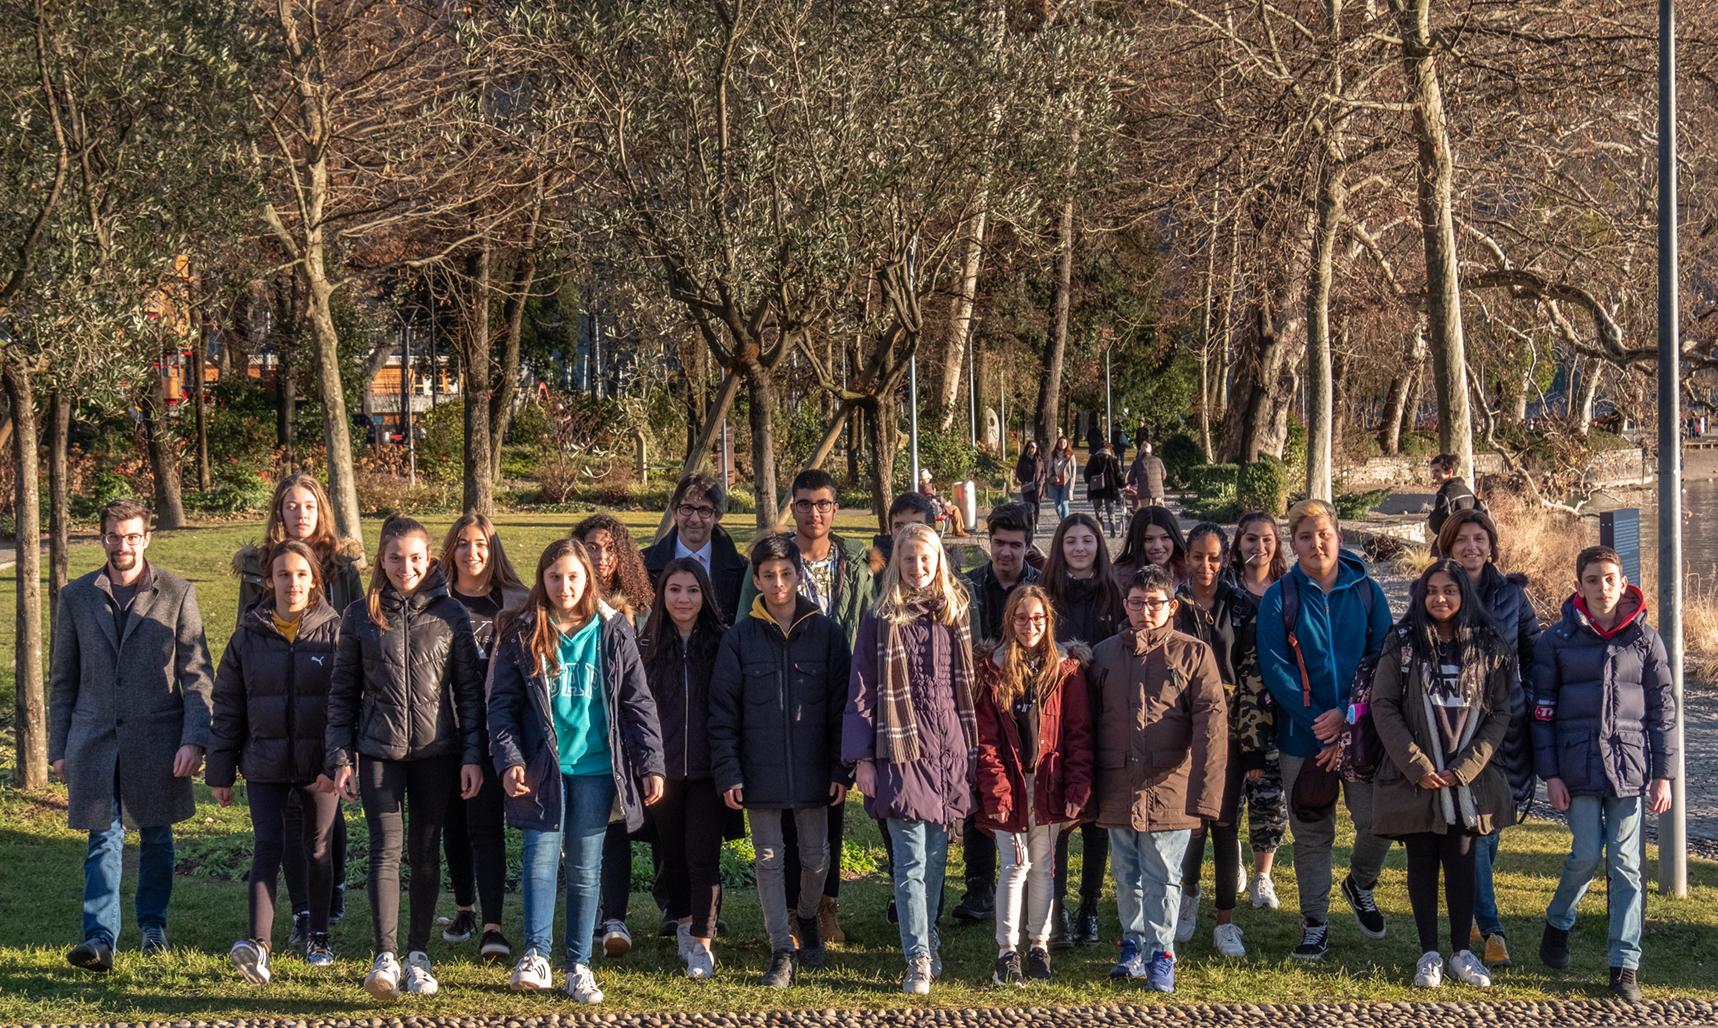 I laureati del Premio Spitzer 2019 al Giardino dei Giusti di Lugano - Foto: Marco Gianinazzi